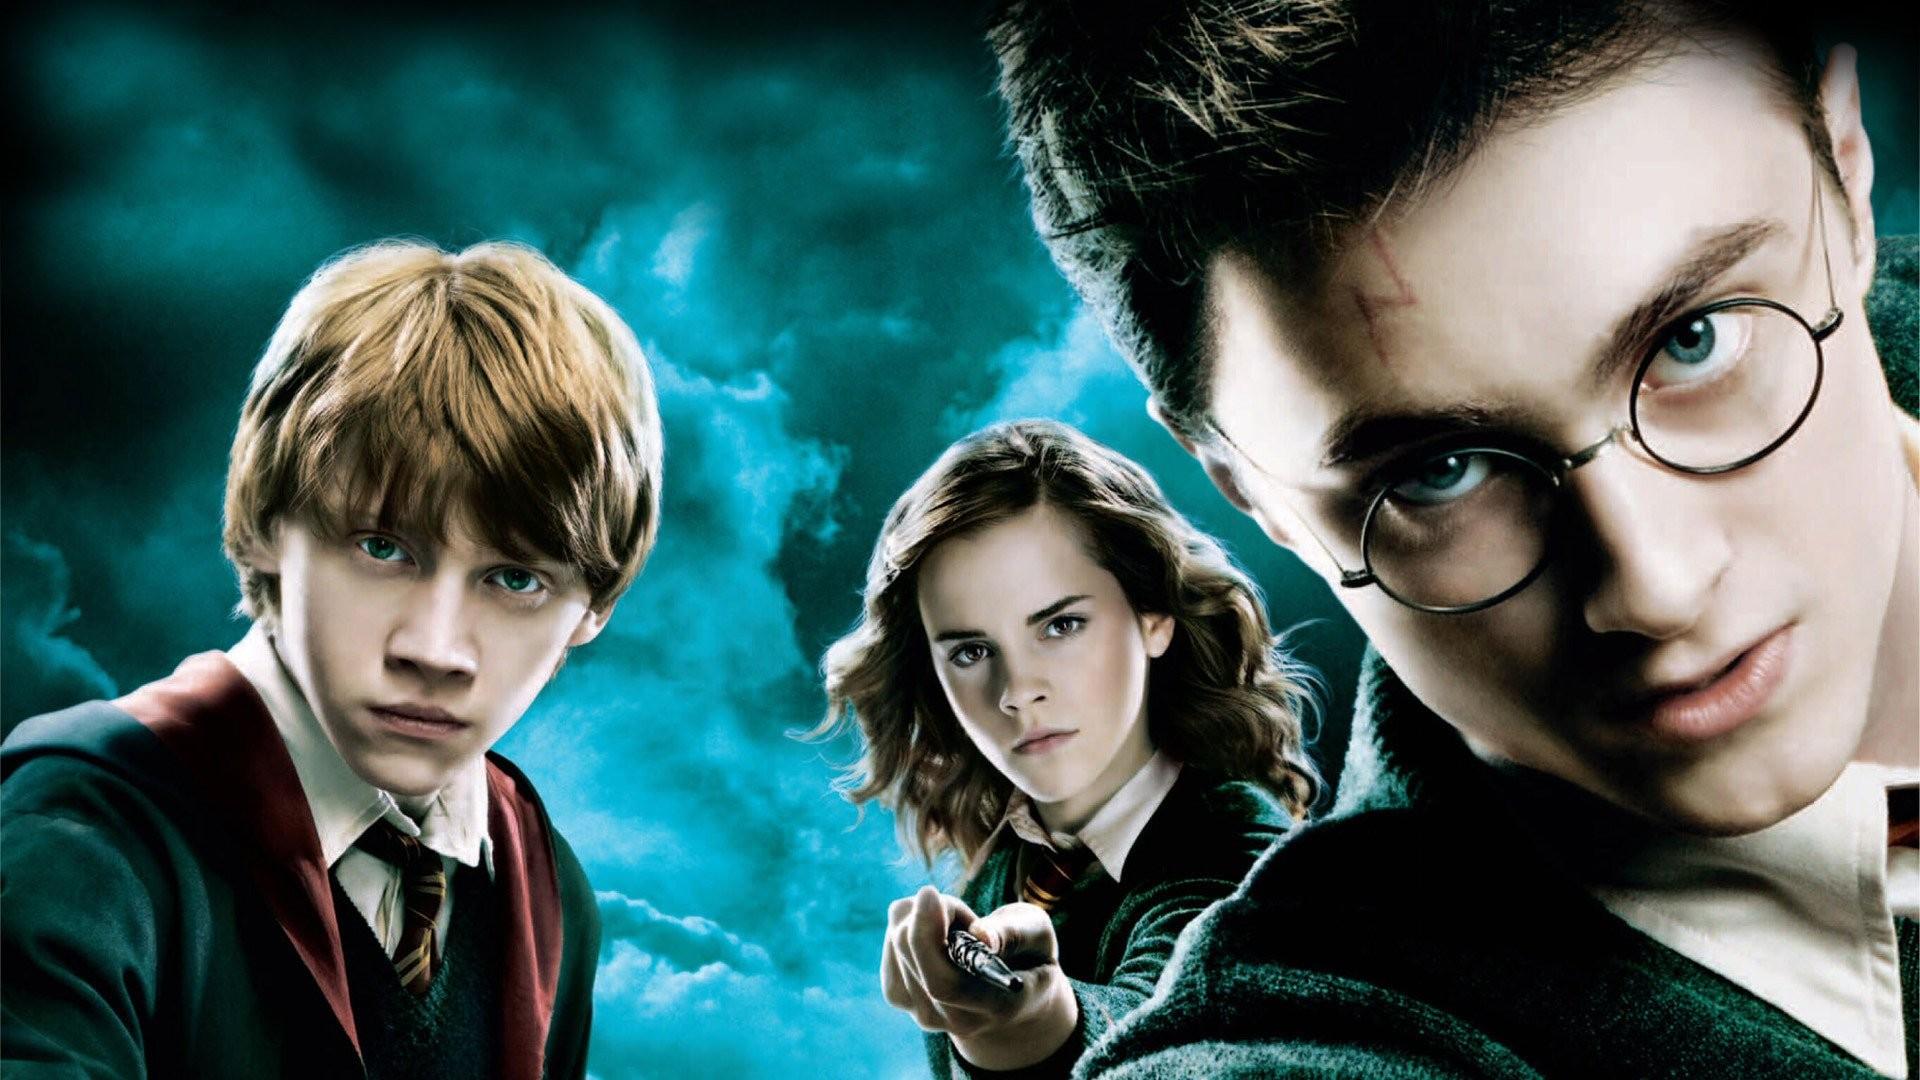 Фильмы про волшебников развивают удетей фантазию— Ученые